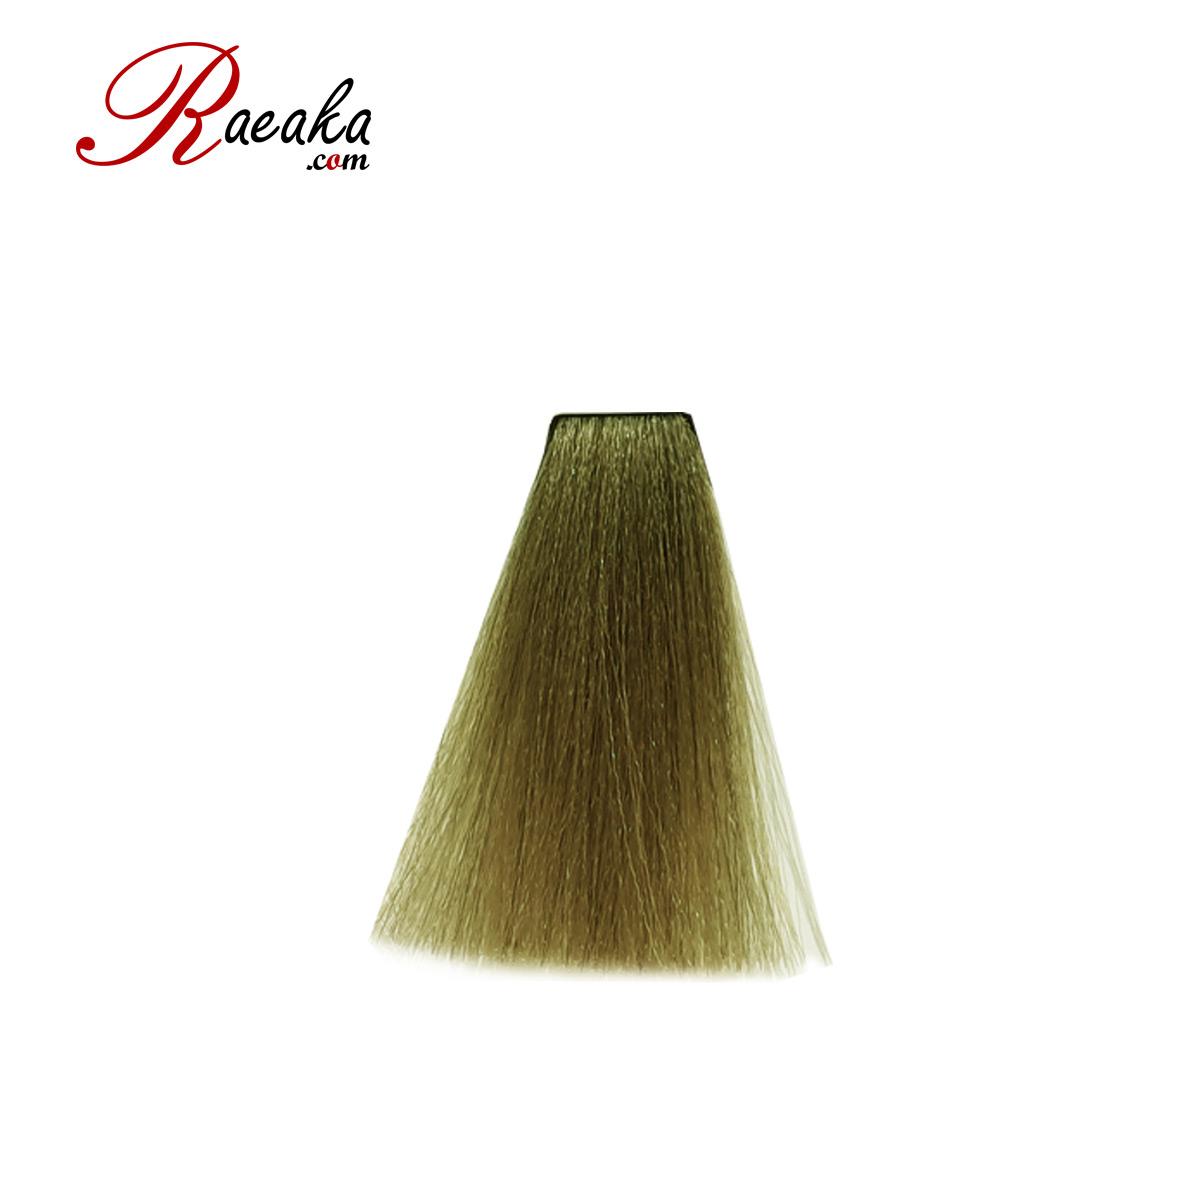 رنگ مو دوشس سری زیتونی شماره M7 8-7 حجم 125 میلی لیتر